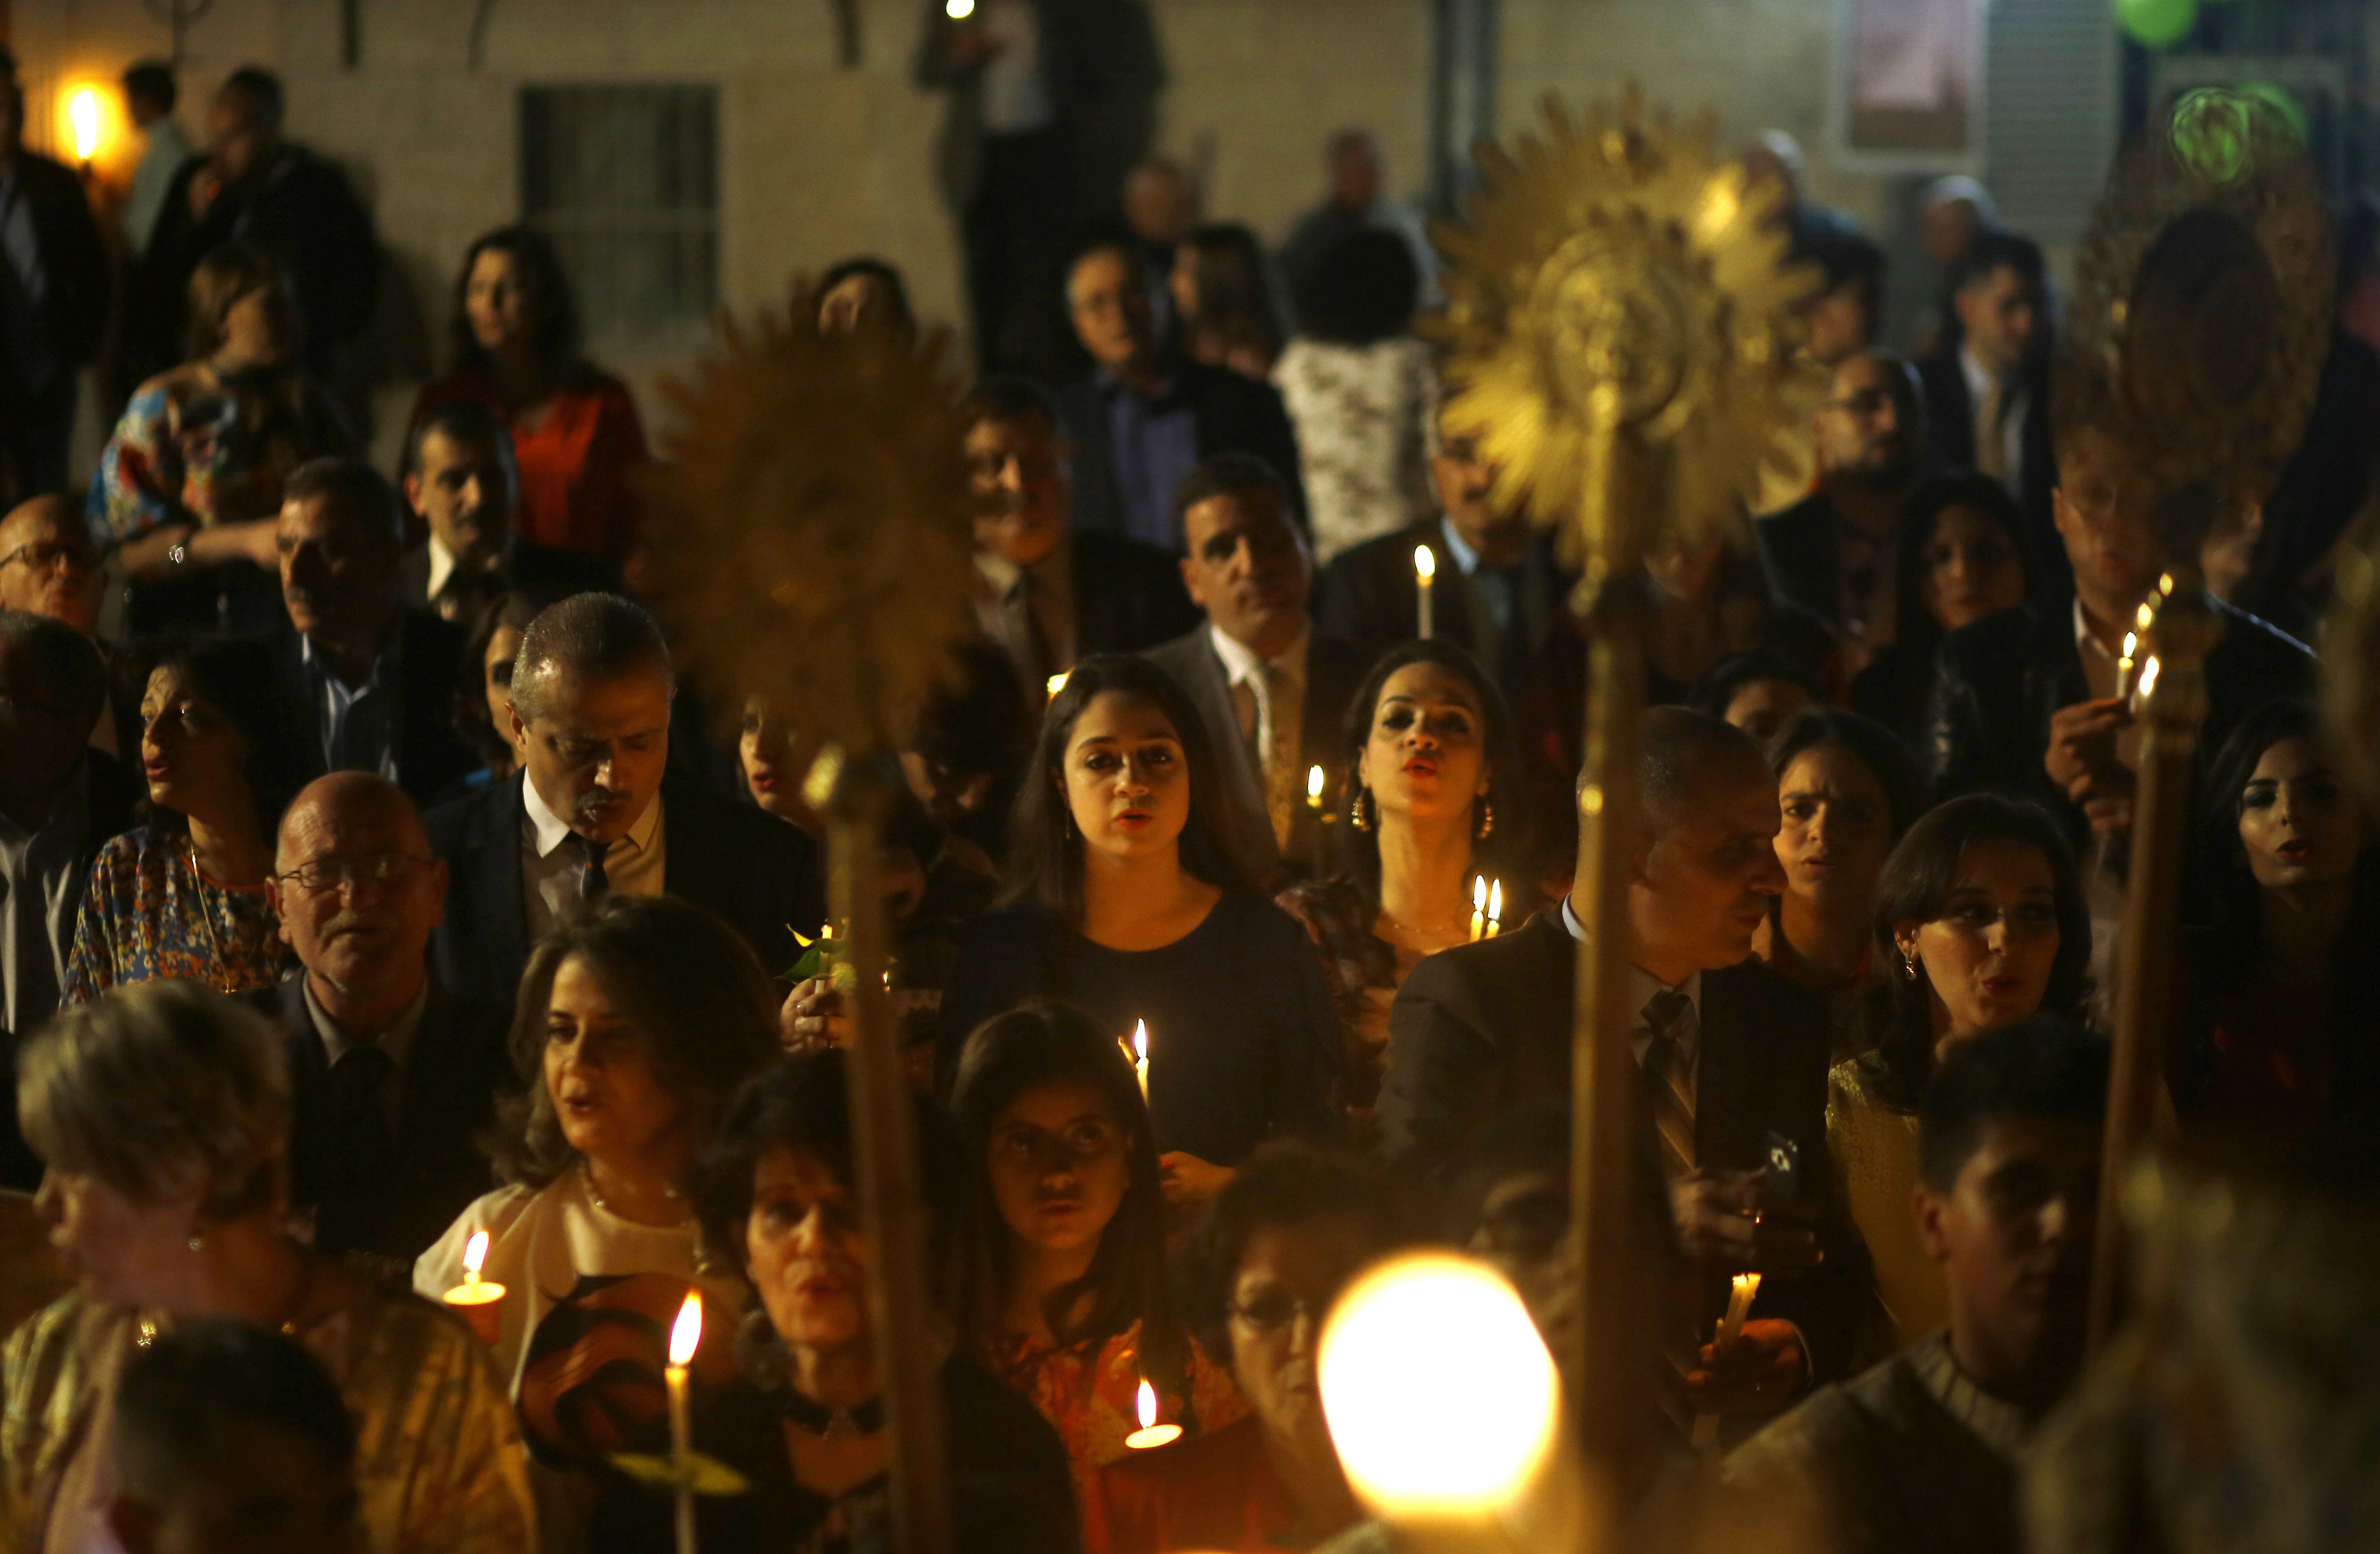 المسيحيون الفلسطينيون يواصلون احتفالاتهم بعيد القيامة فى غزة